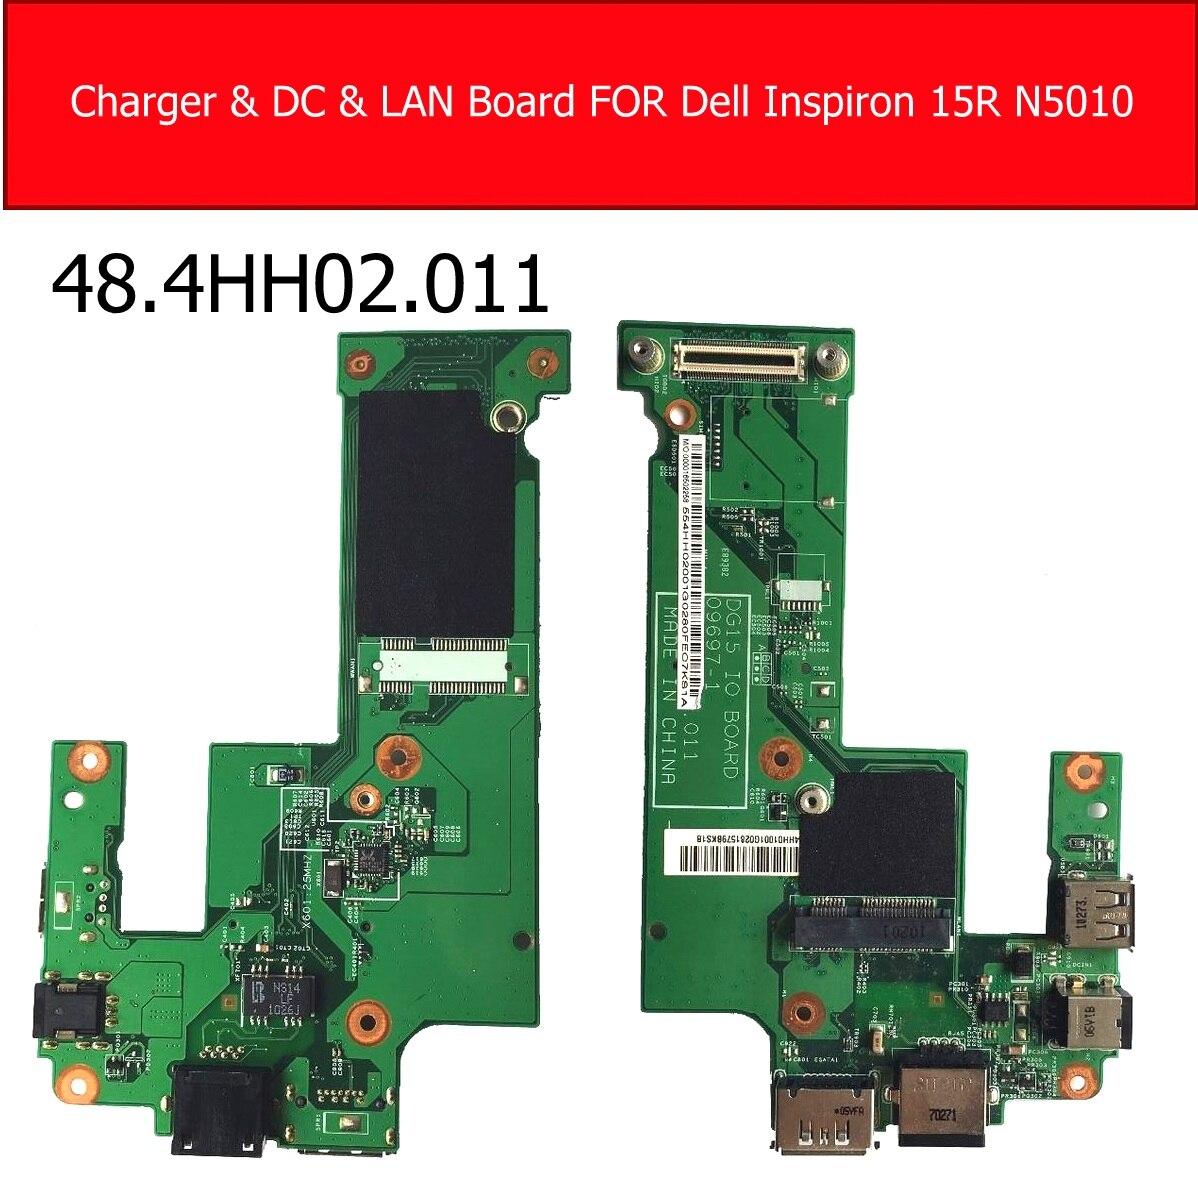 Placa de porta de carregador para dell, inspiron 15r n5010 dc porta & placa de lan ethernet usb placa de substituição 48.4jogo. 011